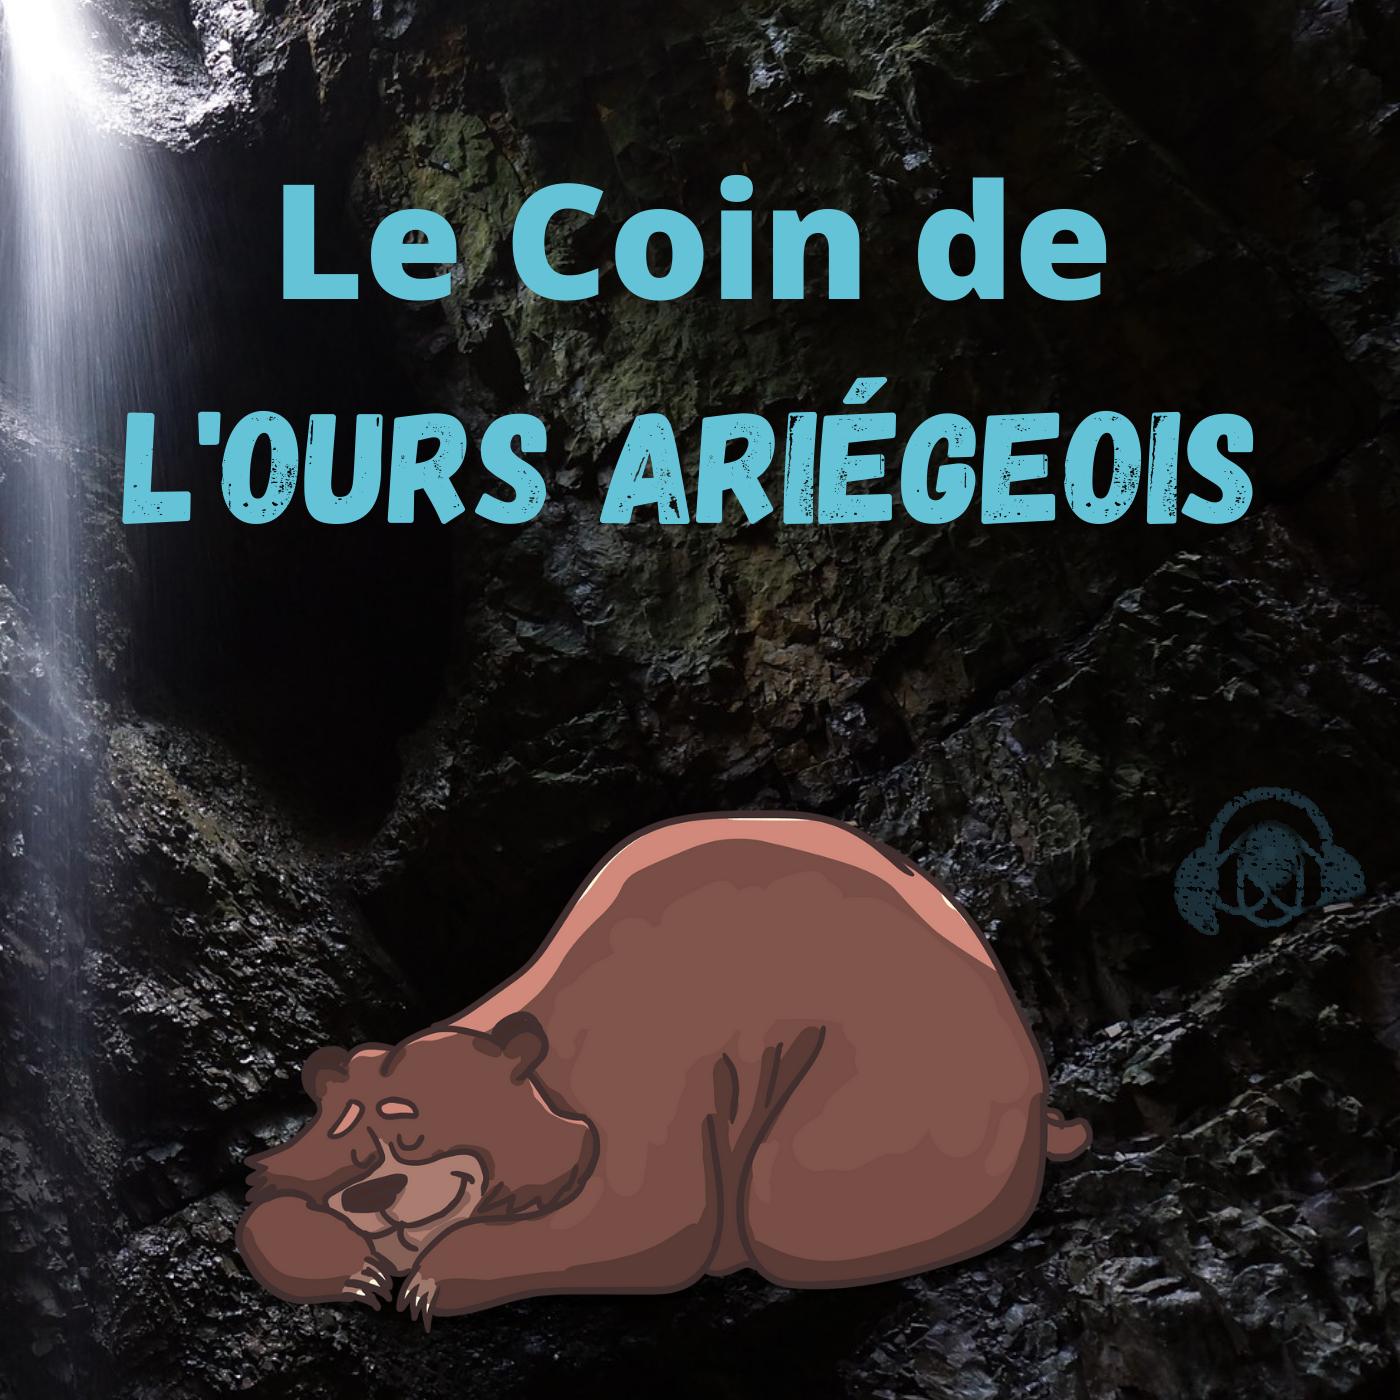 LE COIN DE L'OURS ARIÉGEOIS S2E01 - Suite Logique ou Pas - Enchainement